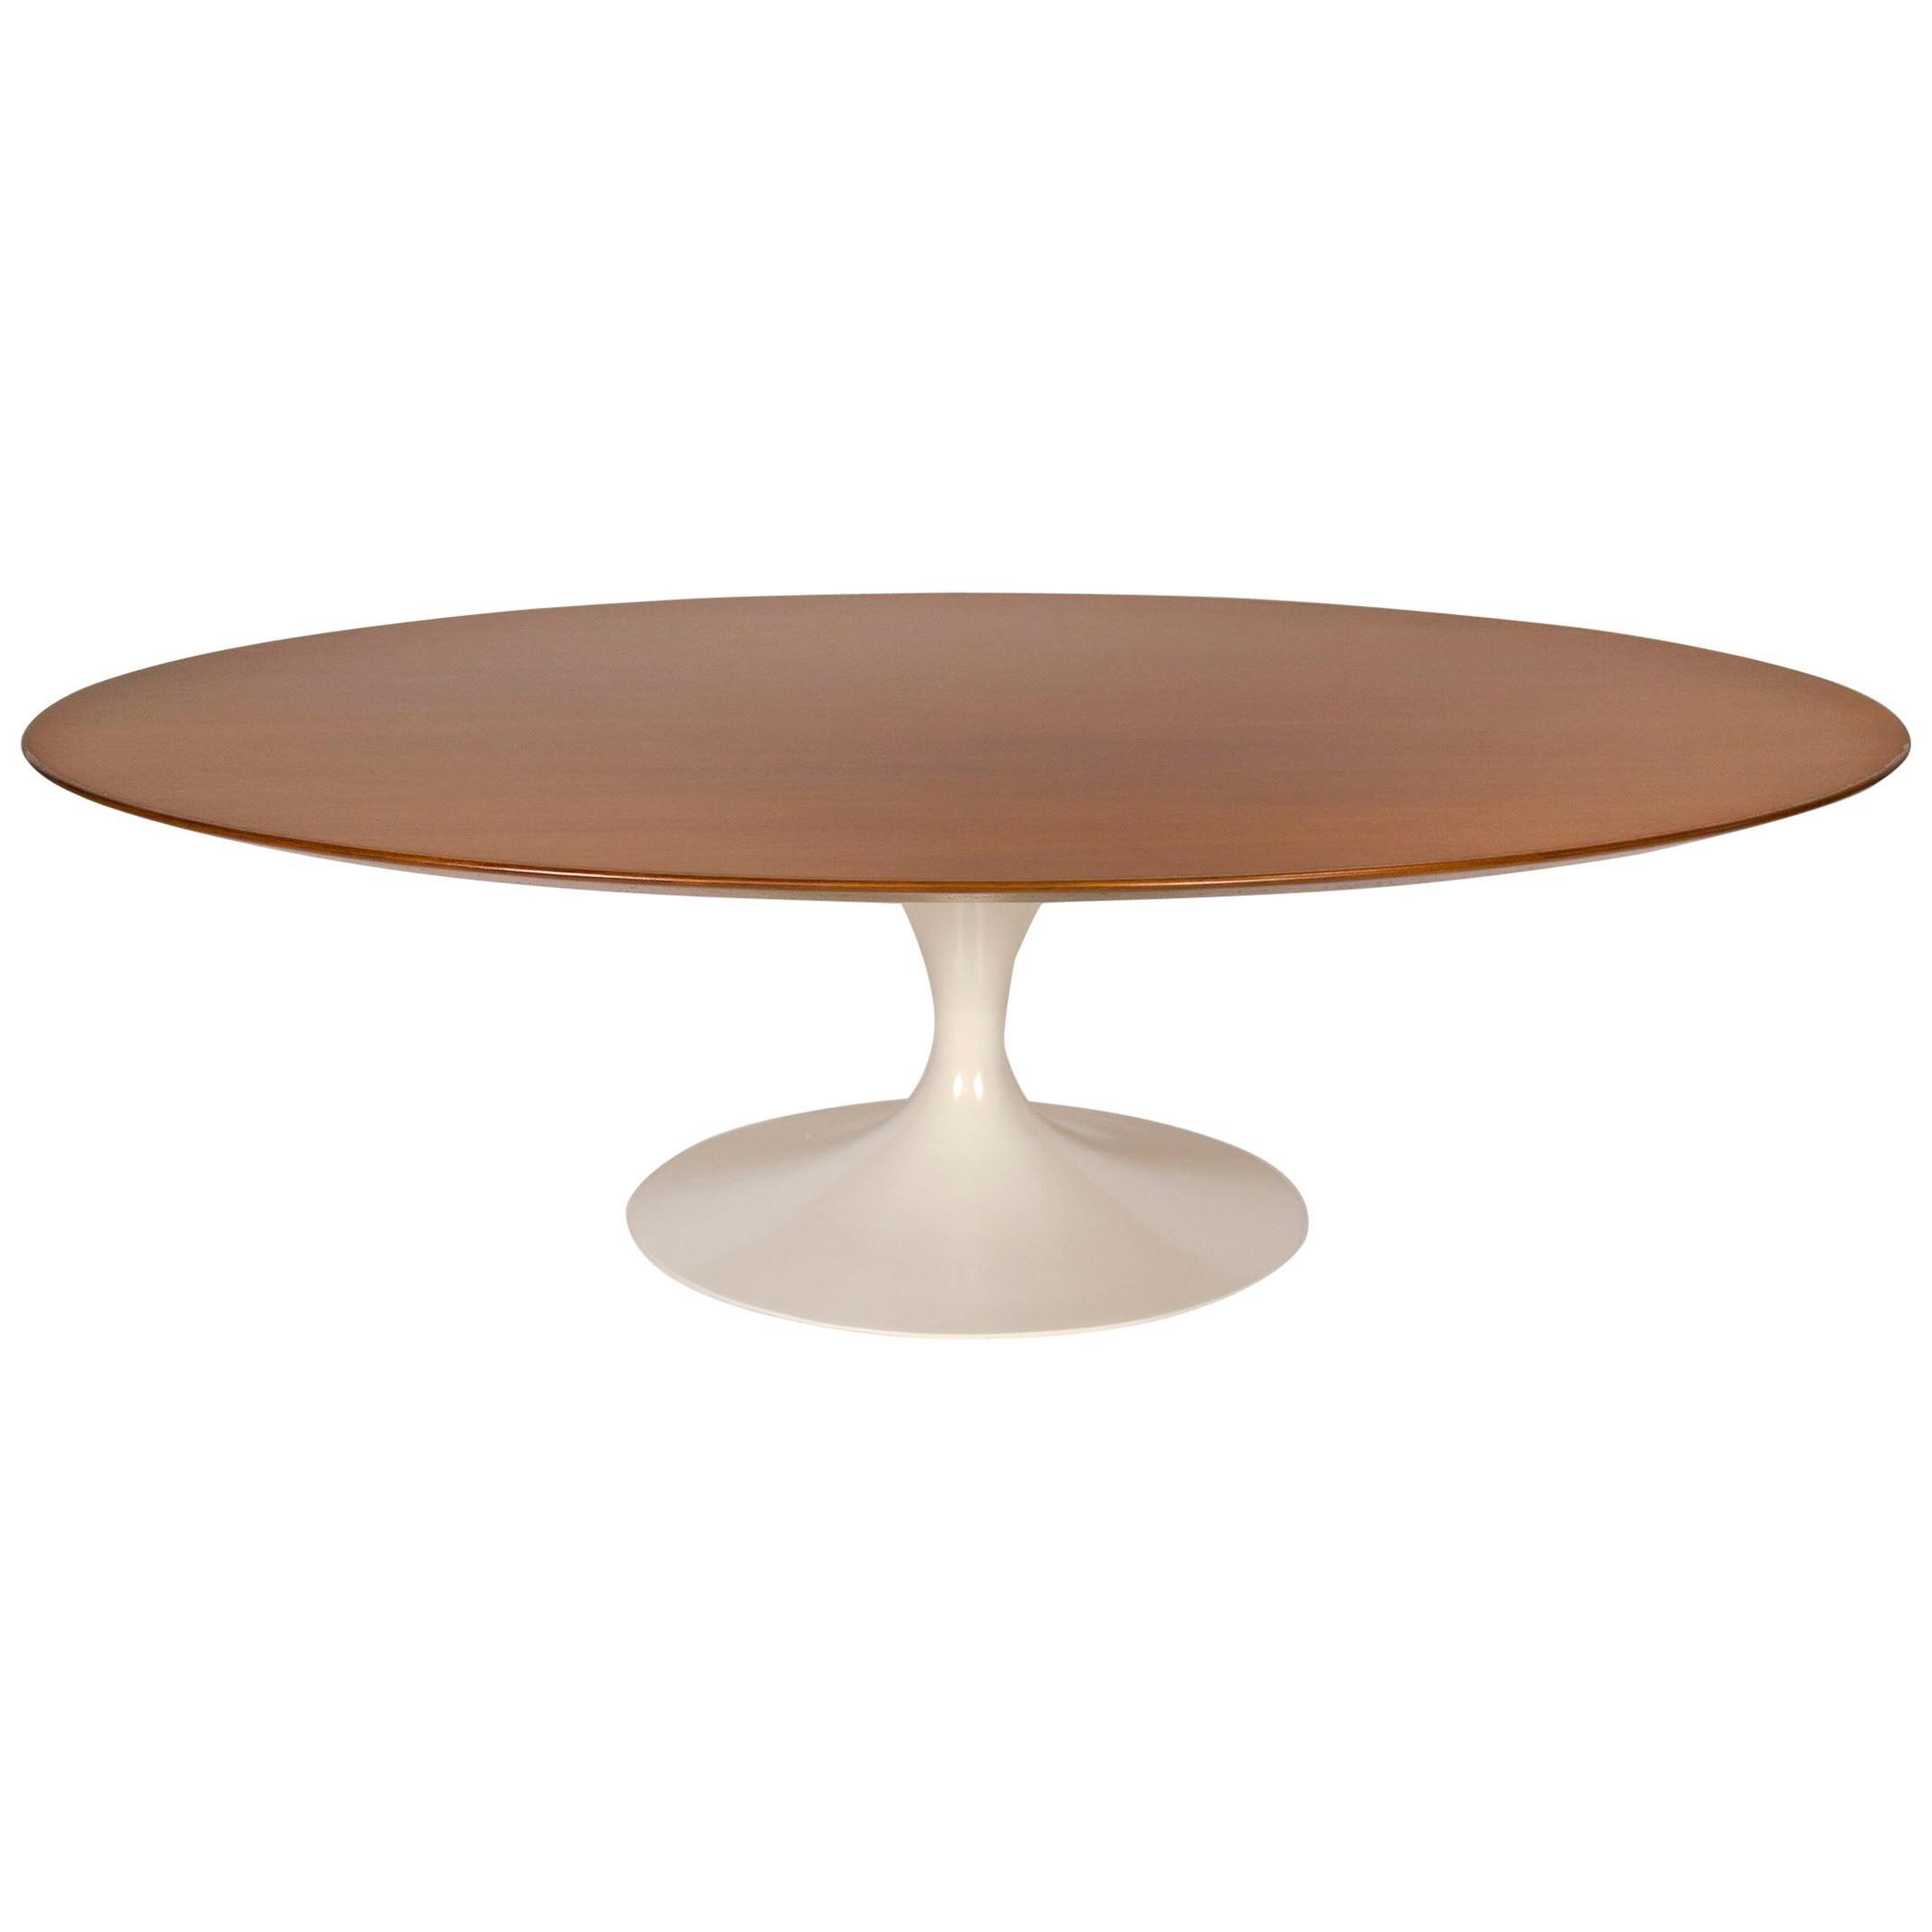 1960s Eero Saarinen Oval Walnut Coffee Table for Knoll